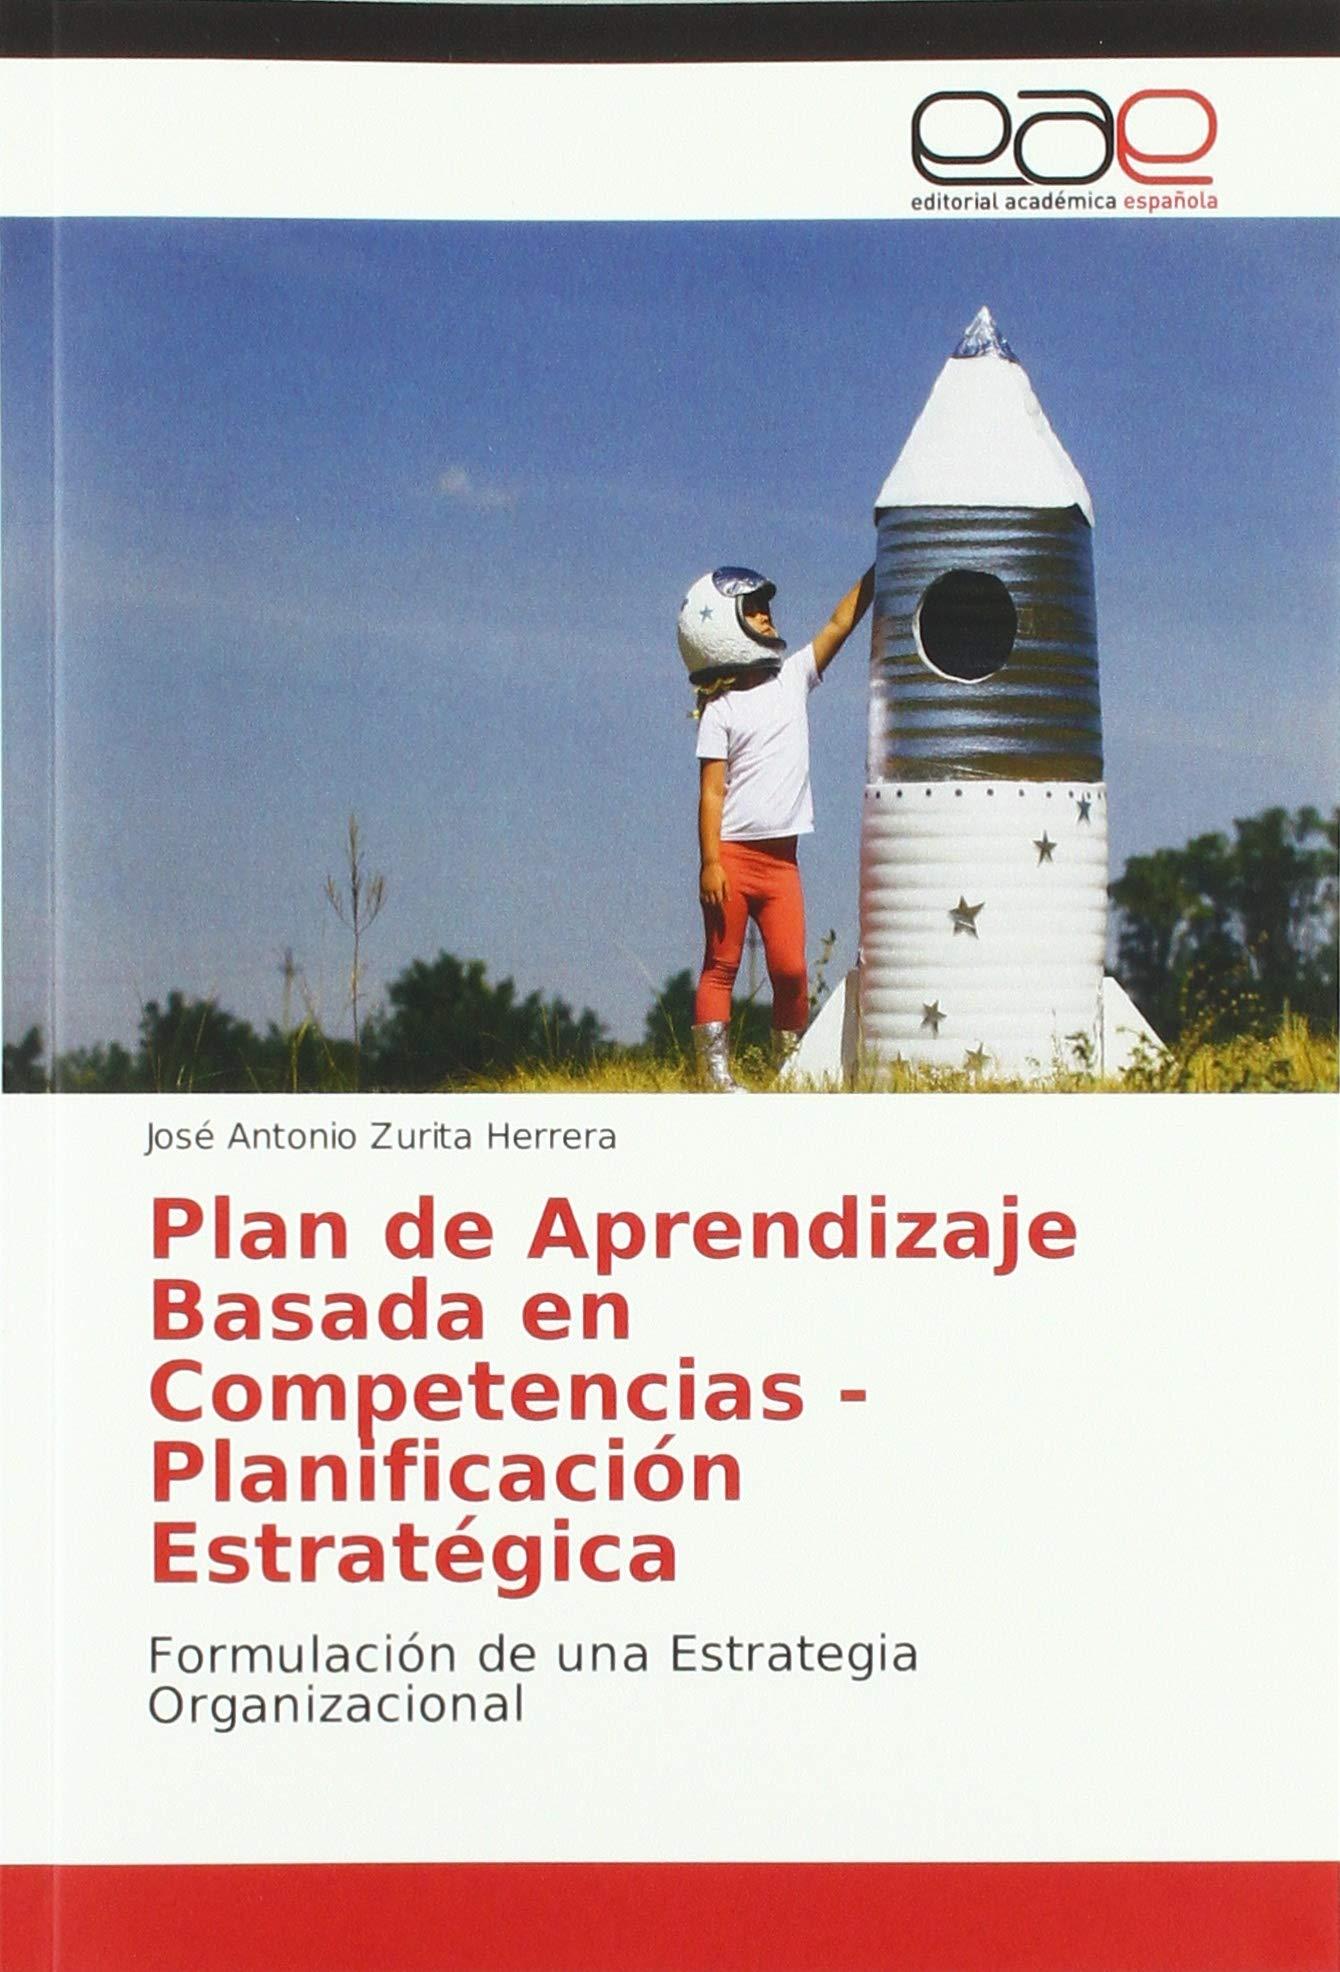 Plan de Aprendizaje Basada en Competencias- planificación estratégica